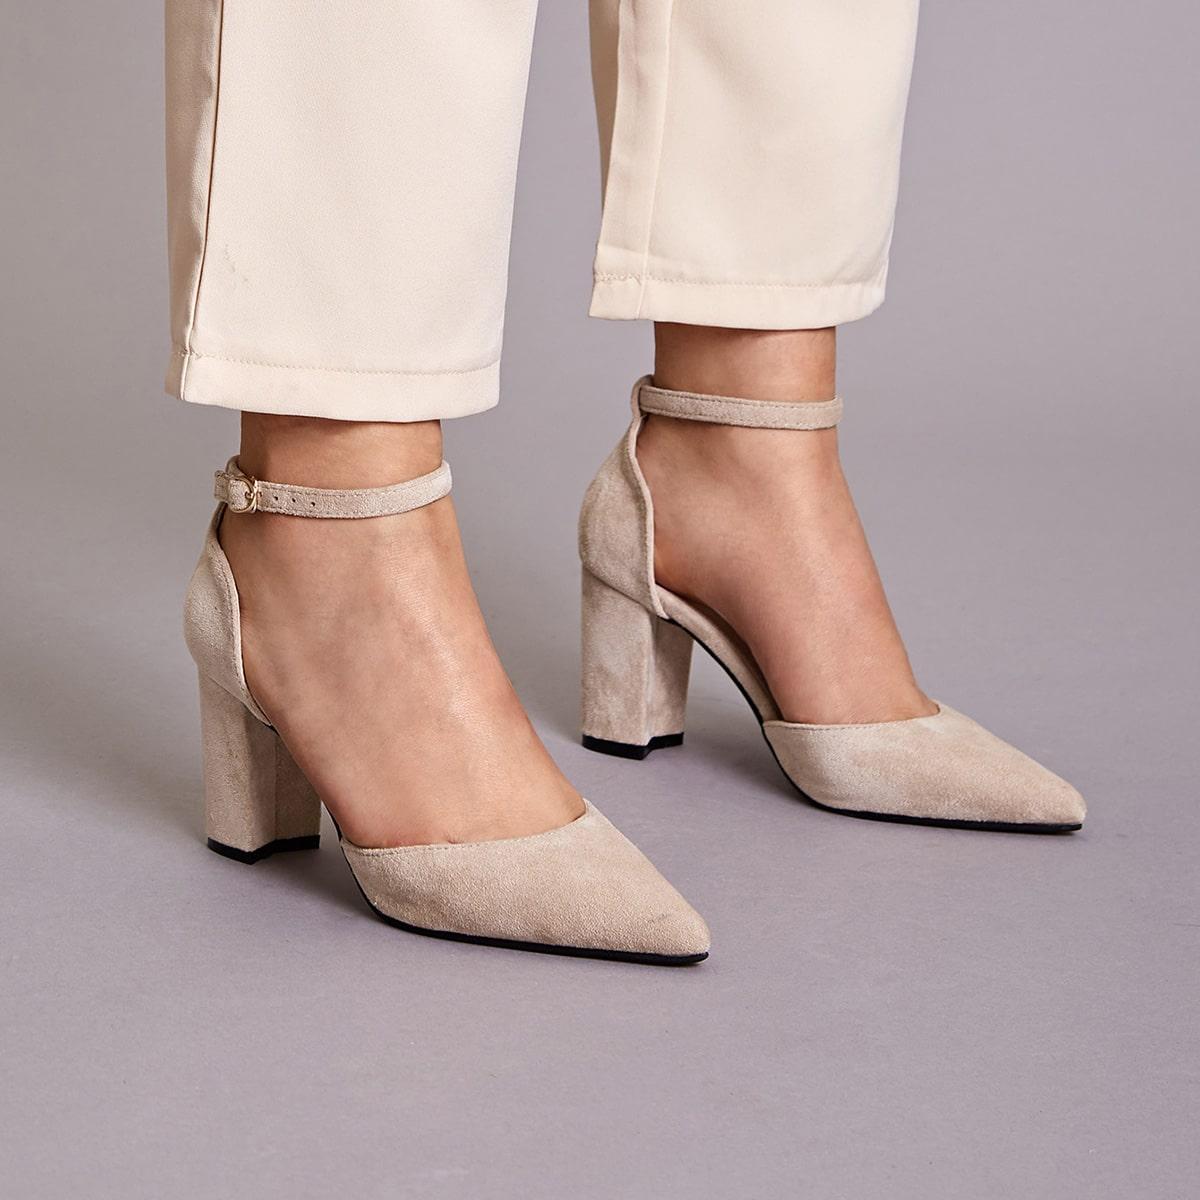 Остроконечные замшевые туфли с массивным каблуком от SHEIN